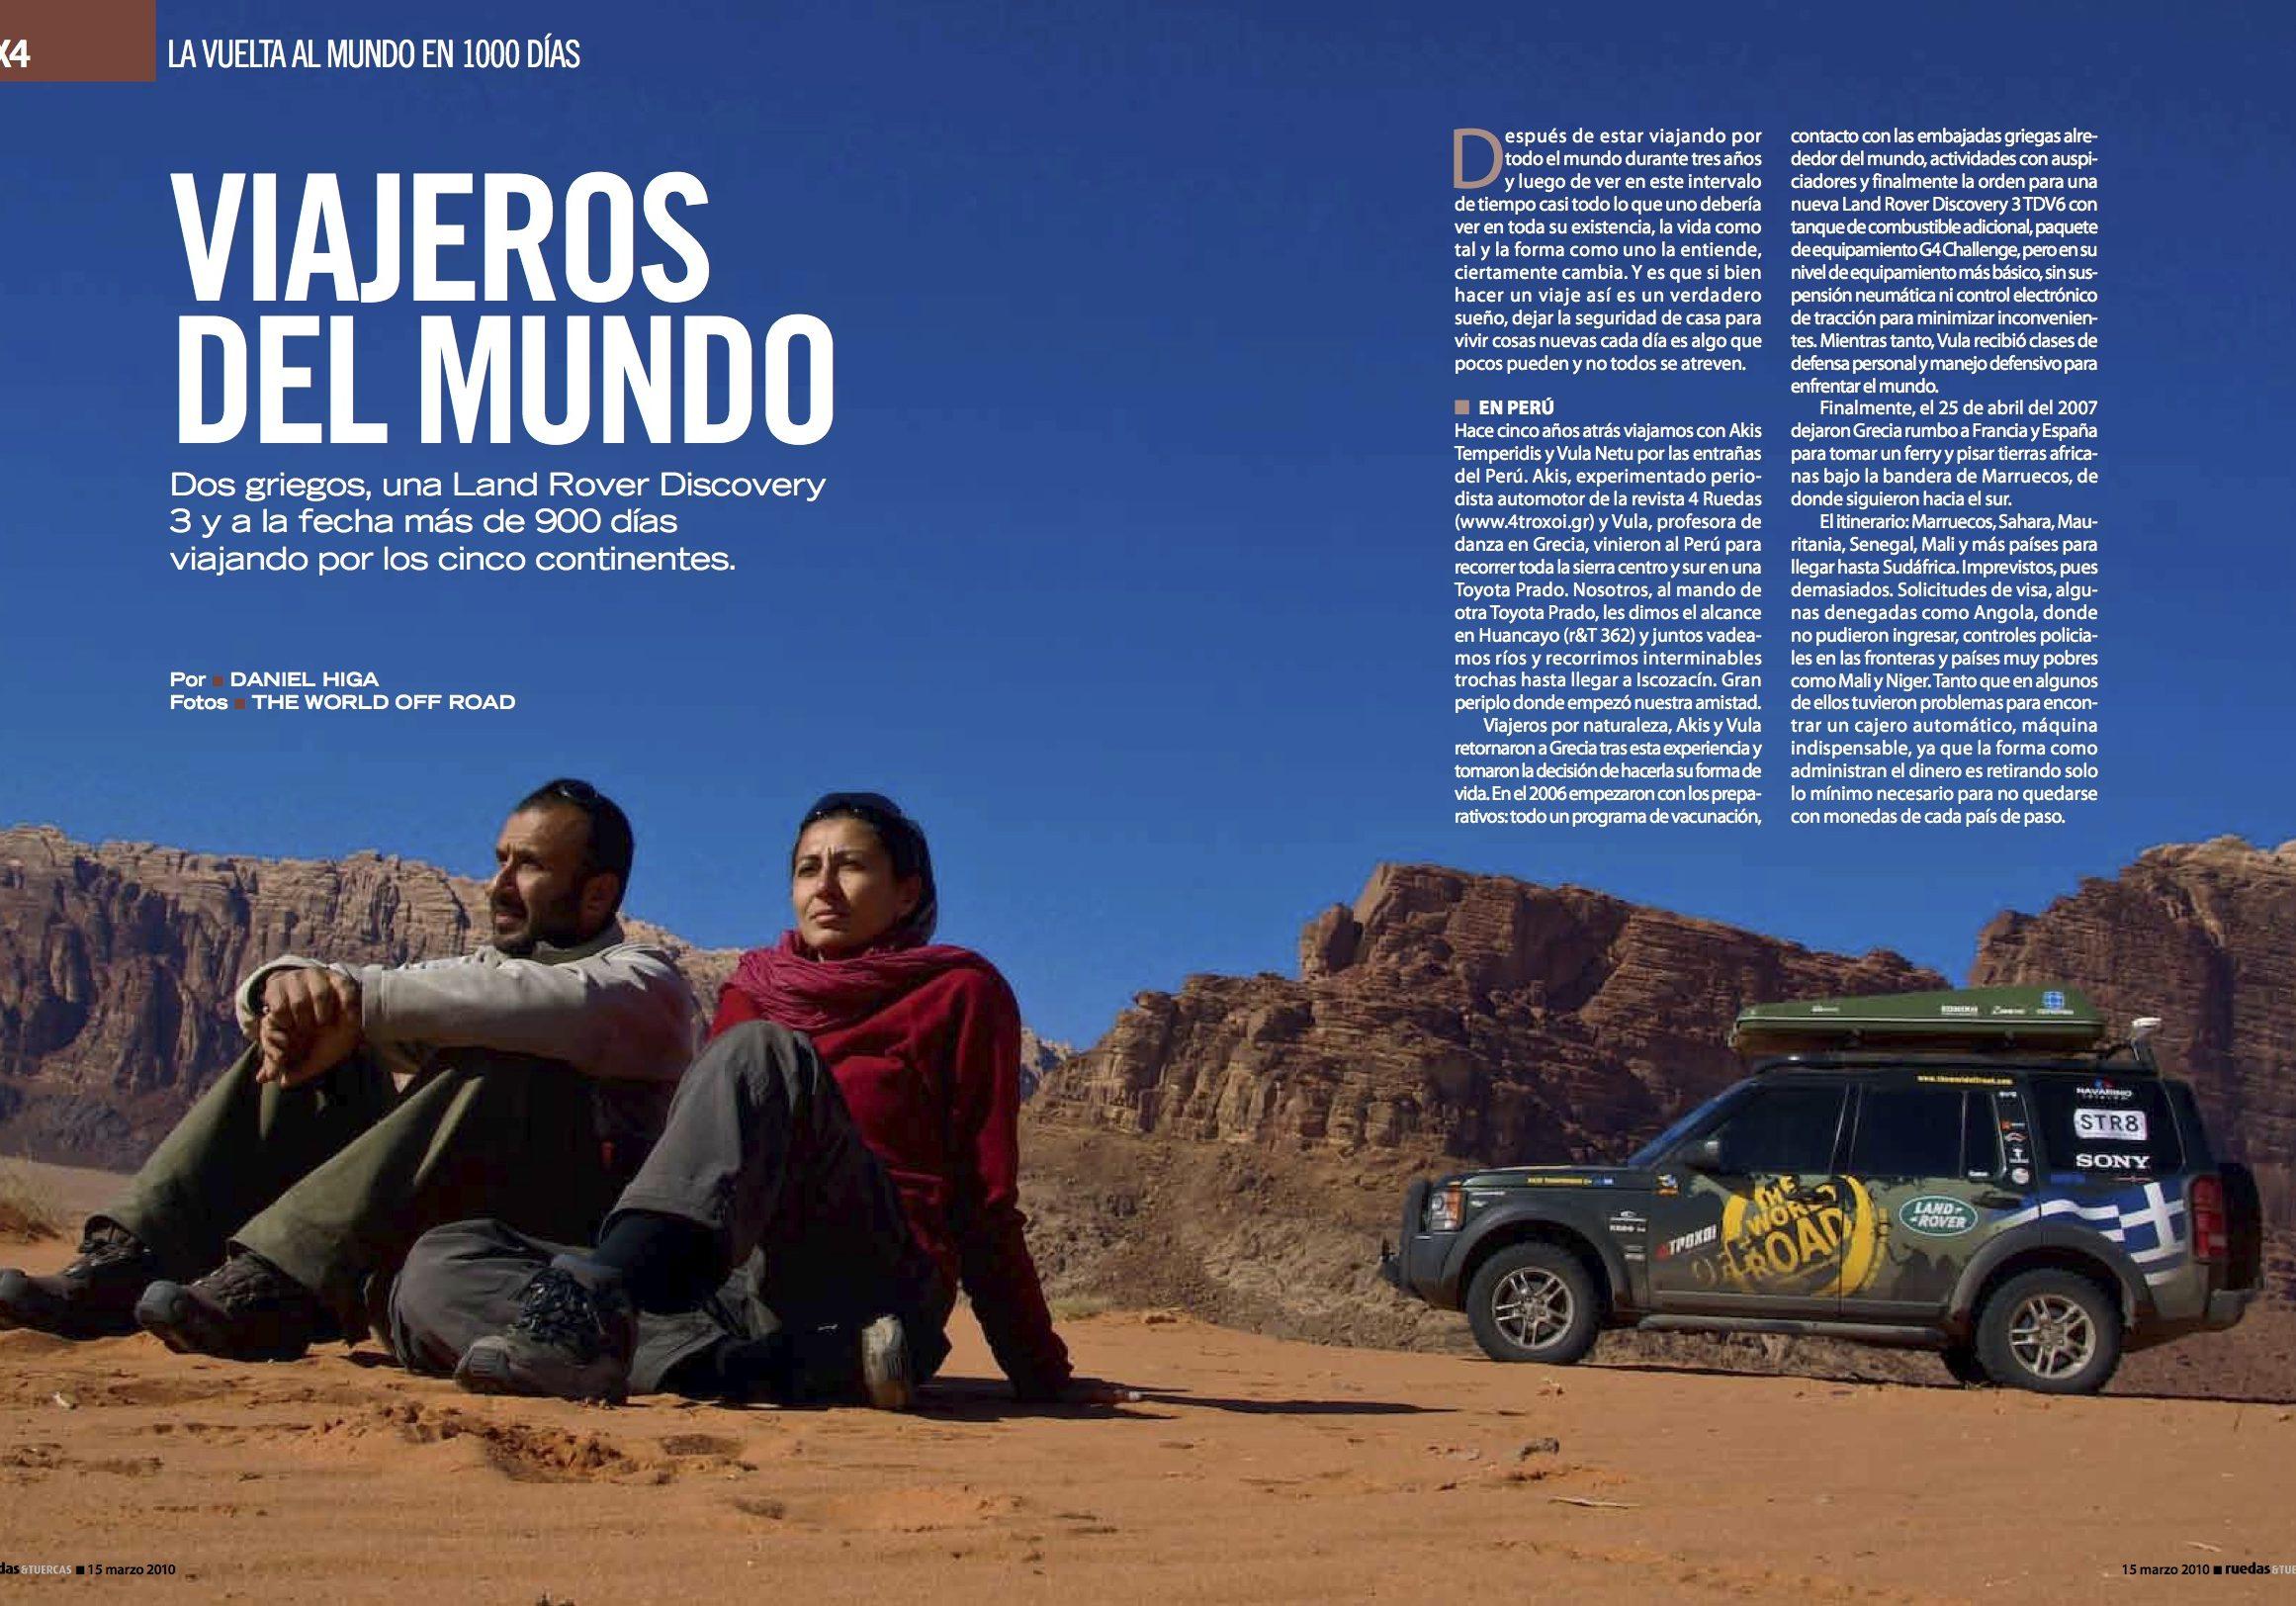 Ruedas & Ruercas, Peru